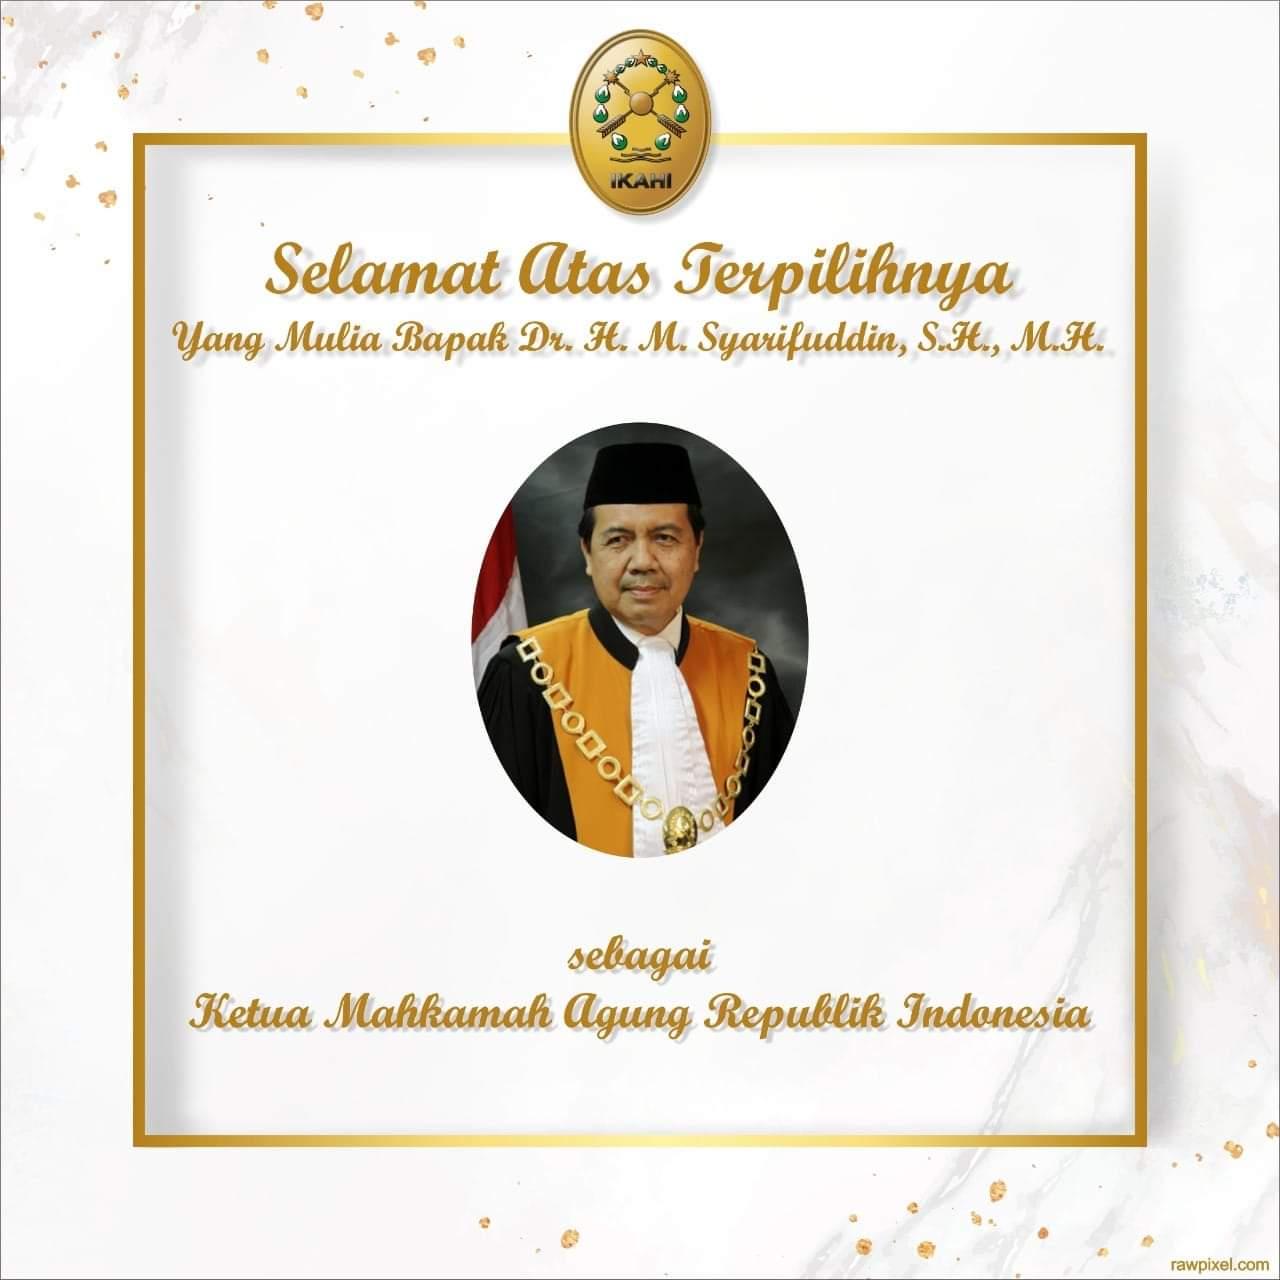 SELAMAT KEPADA YANG MULIA Dr. H.M.SYARIFUDDIN.S.H.M.H YANG TELAH TERPILIH MENJADI KETUA MAHKAMAH AGUNG REPUBLIK INDONESIA PERIODE 2020-2025